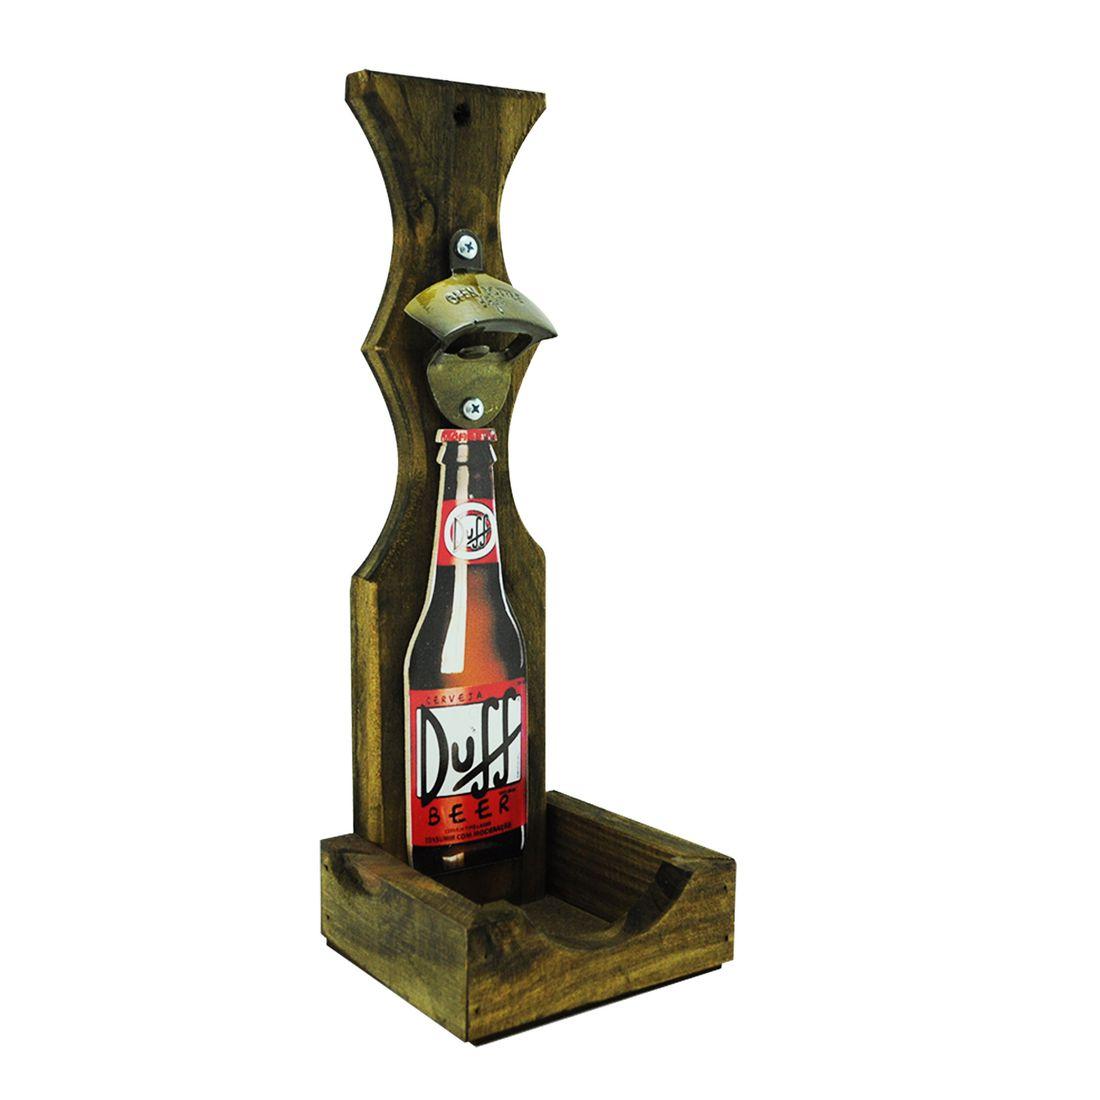 Abridor-Garrafa-Parede-Cerveja-Duff-Lazer-Churrasco-Madeira-Pinus